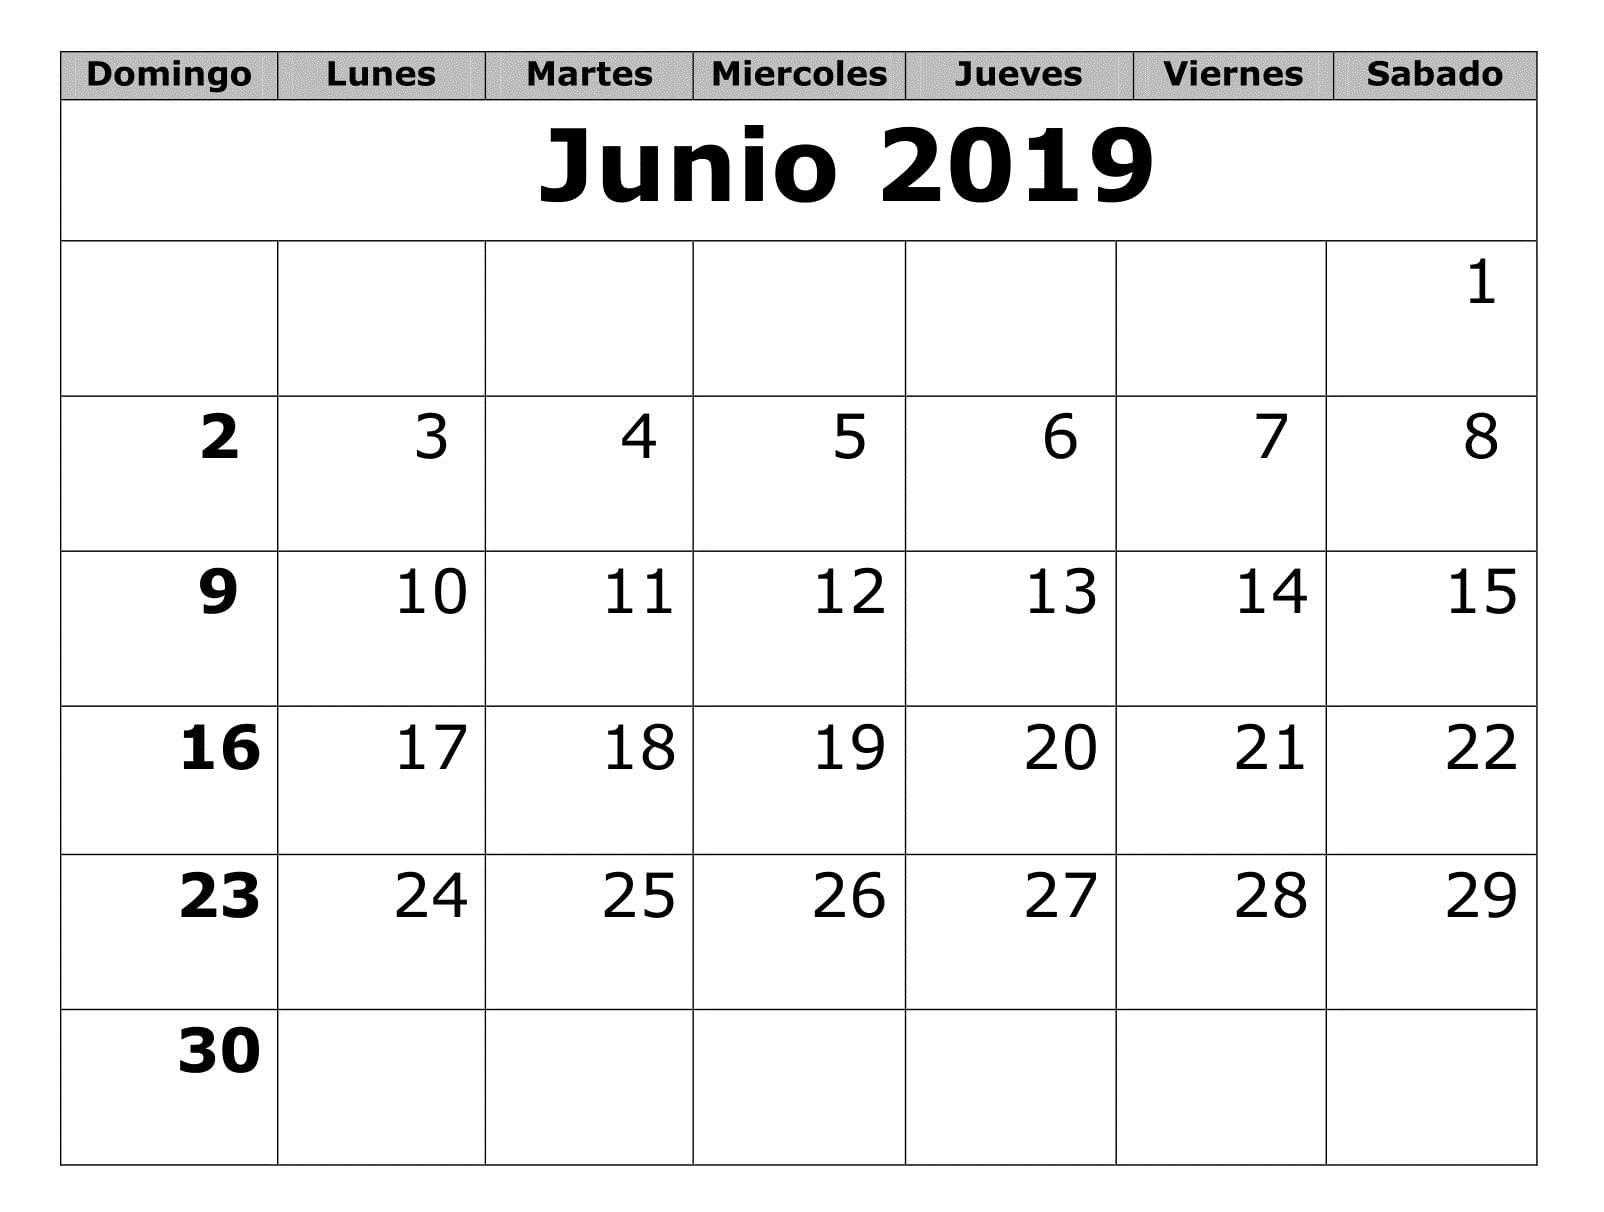 Calendario Mes Junio 2019.Top 10 Punto Medio Noticias Calendario Junio 2019 Para Imprimir